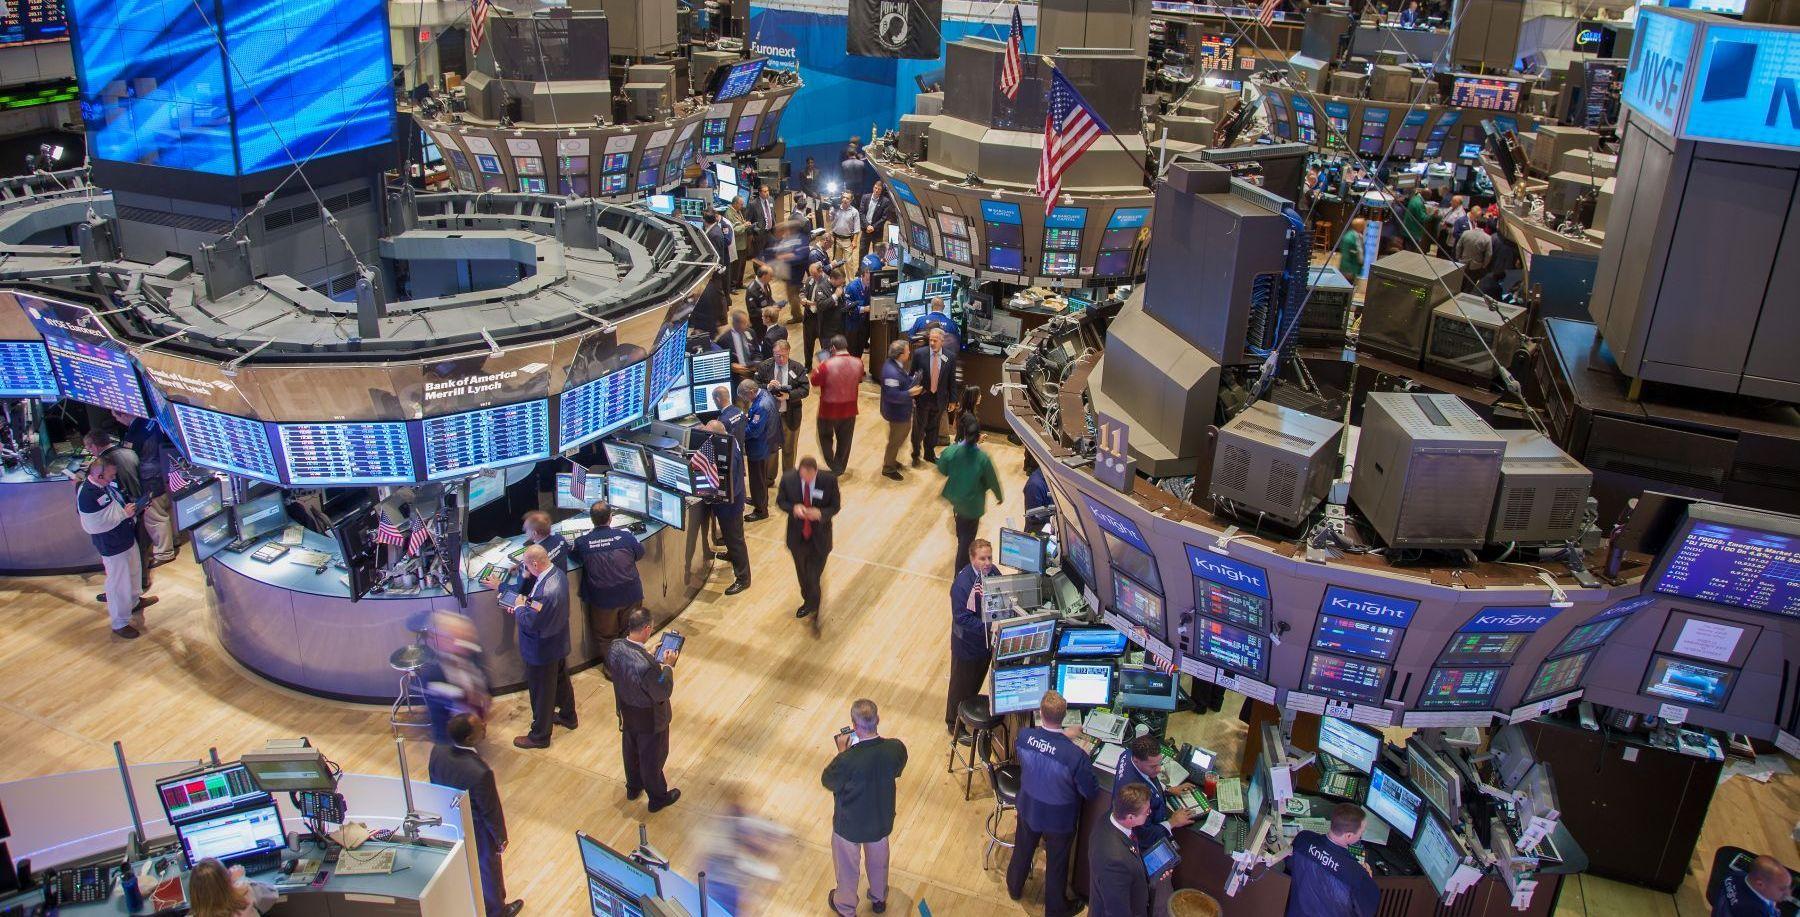 墨比爾斯:美股恐修正30%、ETF會讓一切雪上加霜